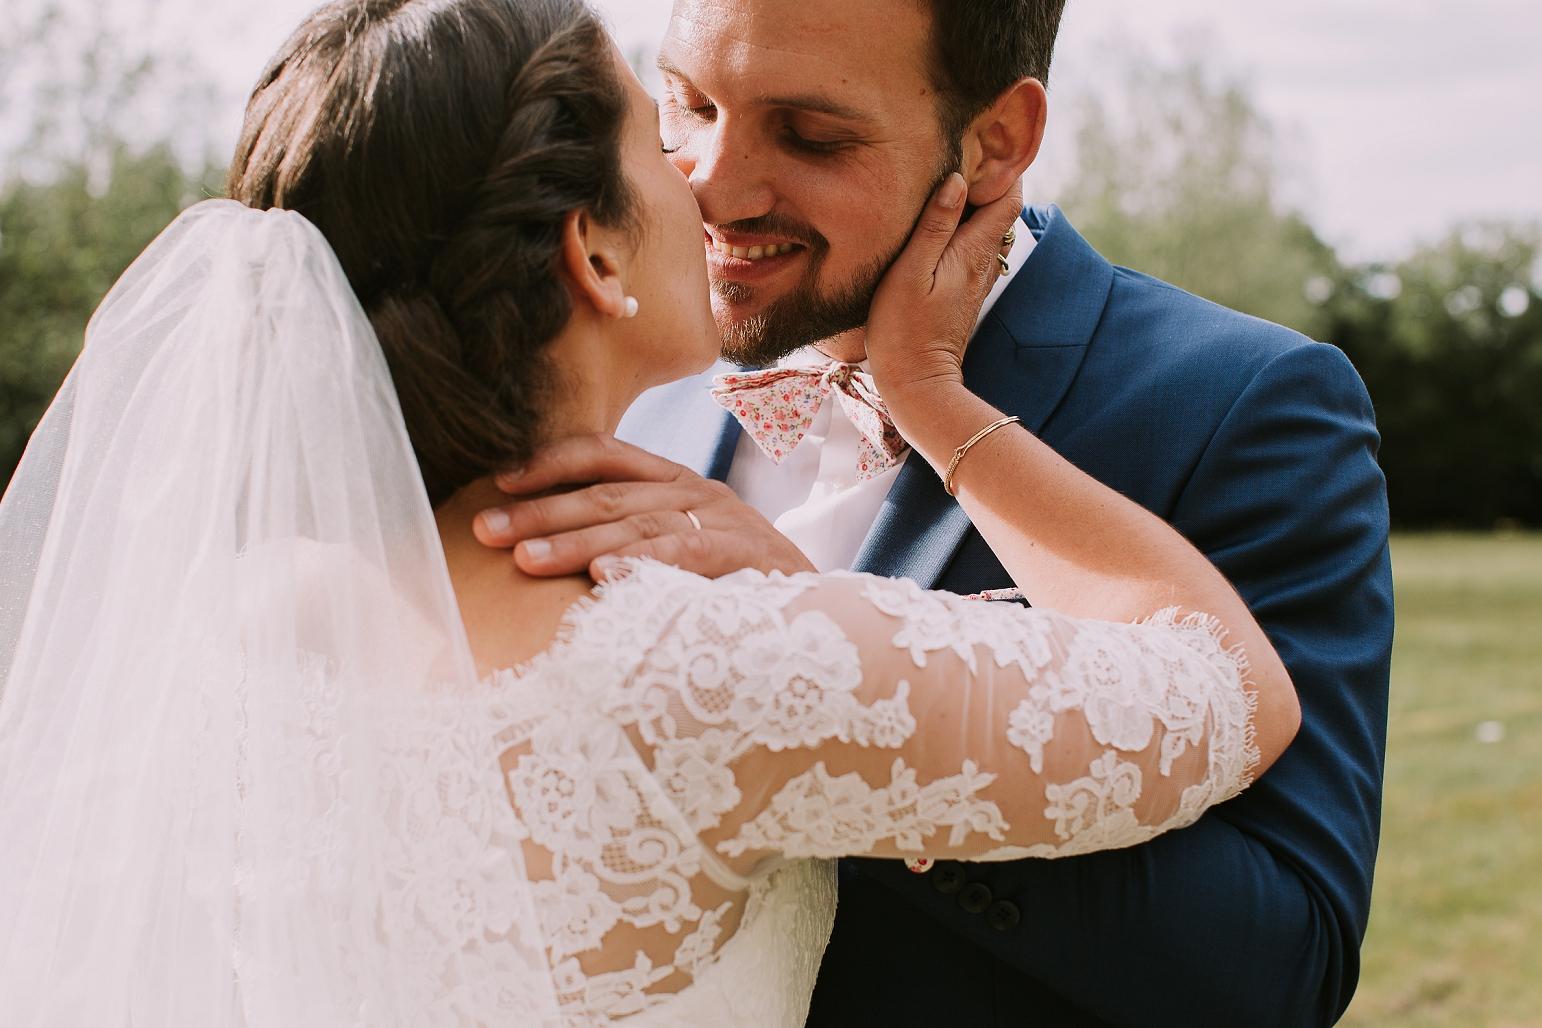 kateryna-photos-mariage-wedding-france-bretagne-pays-de-la-loire-chateau-de-la-colaissiere-st-sauveur-de-landemont_0057.jpg